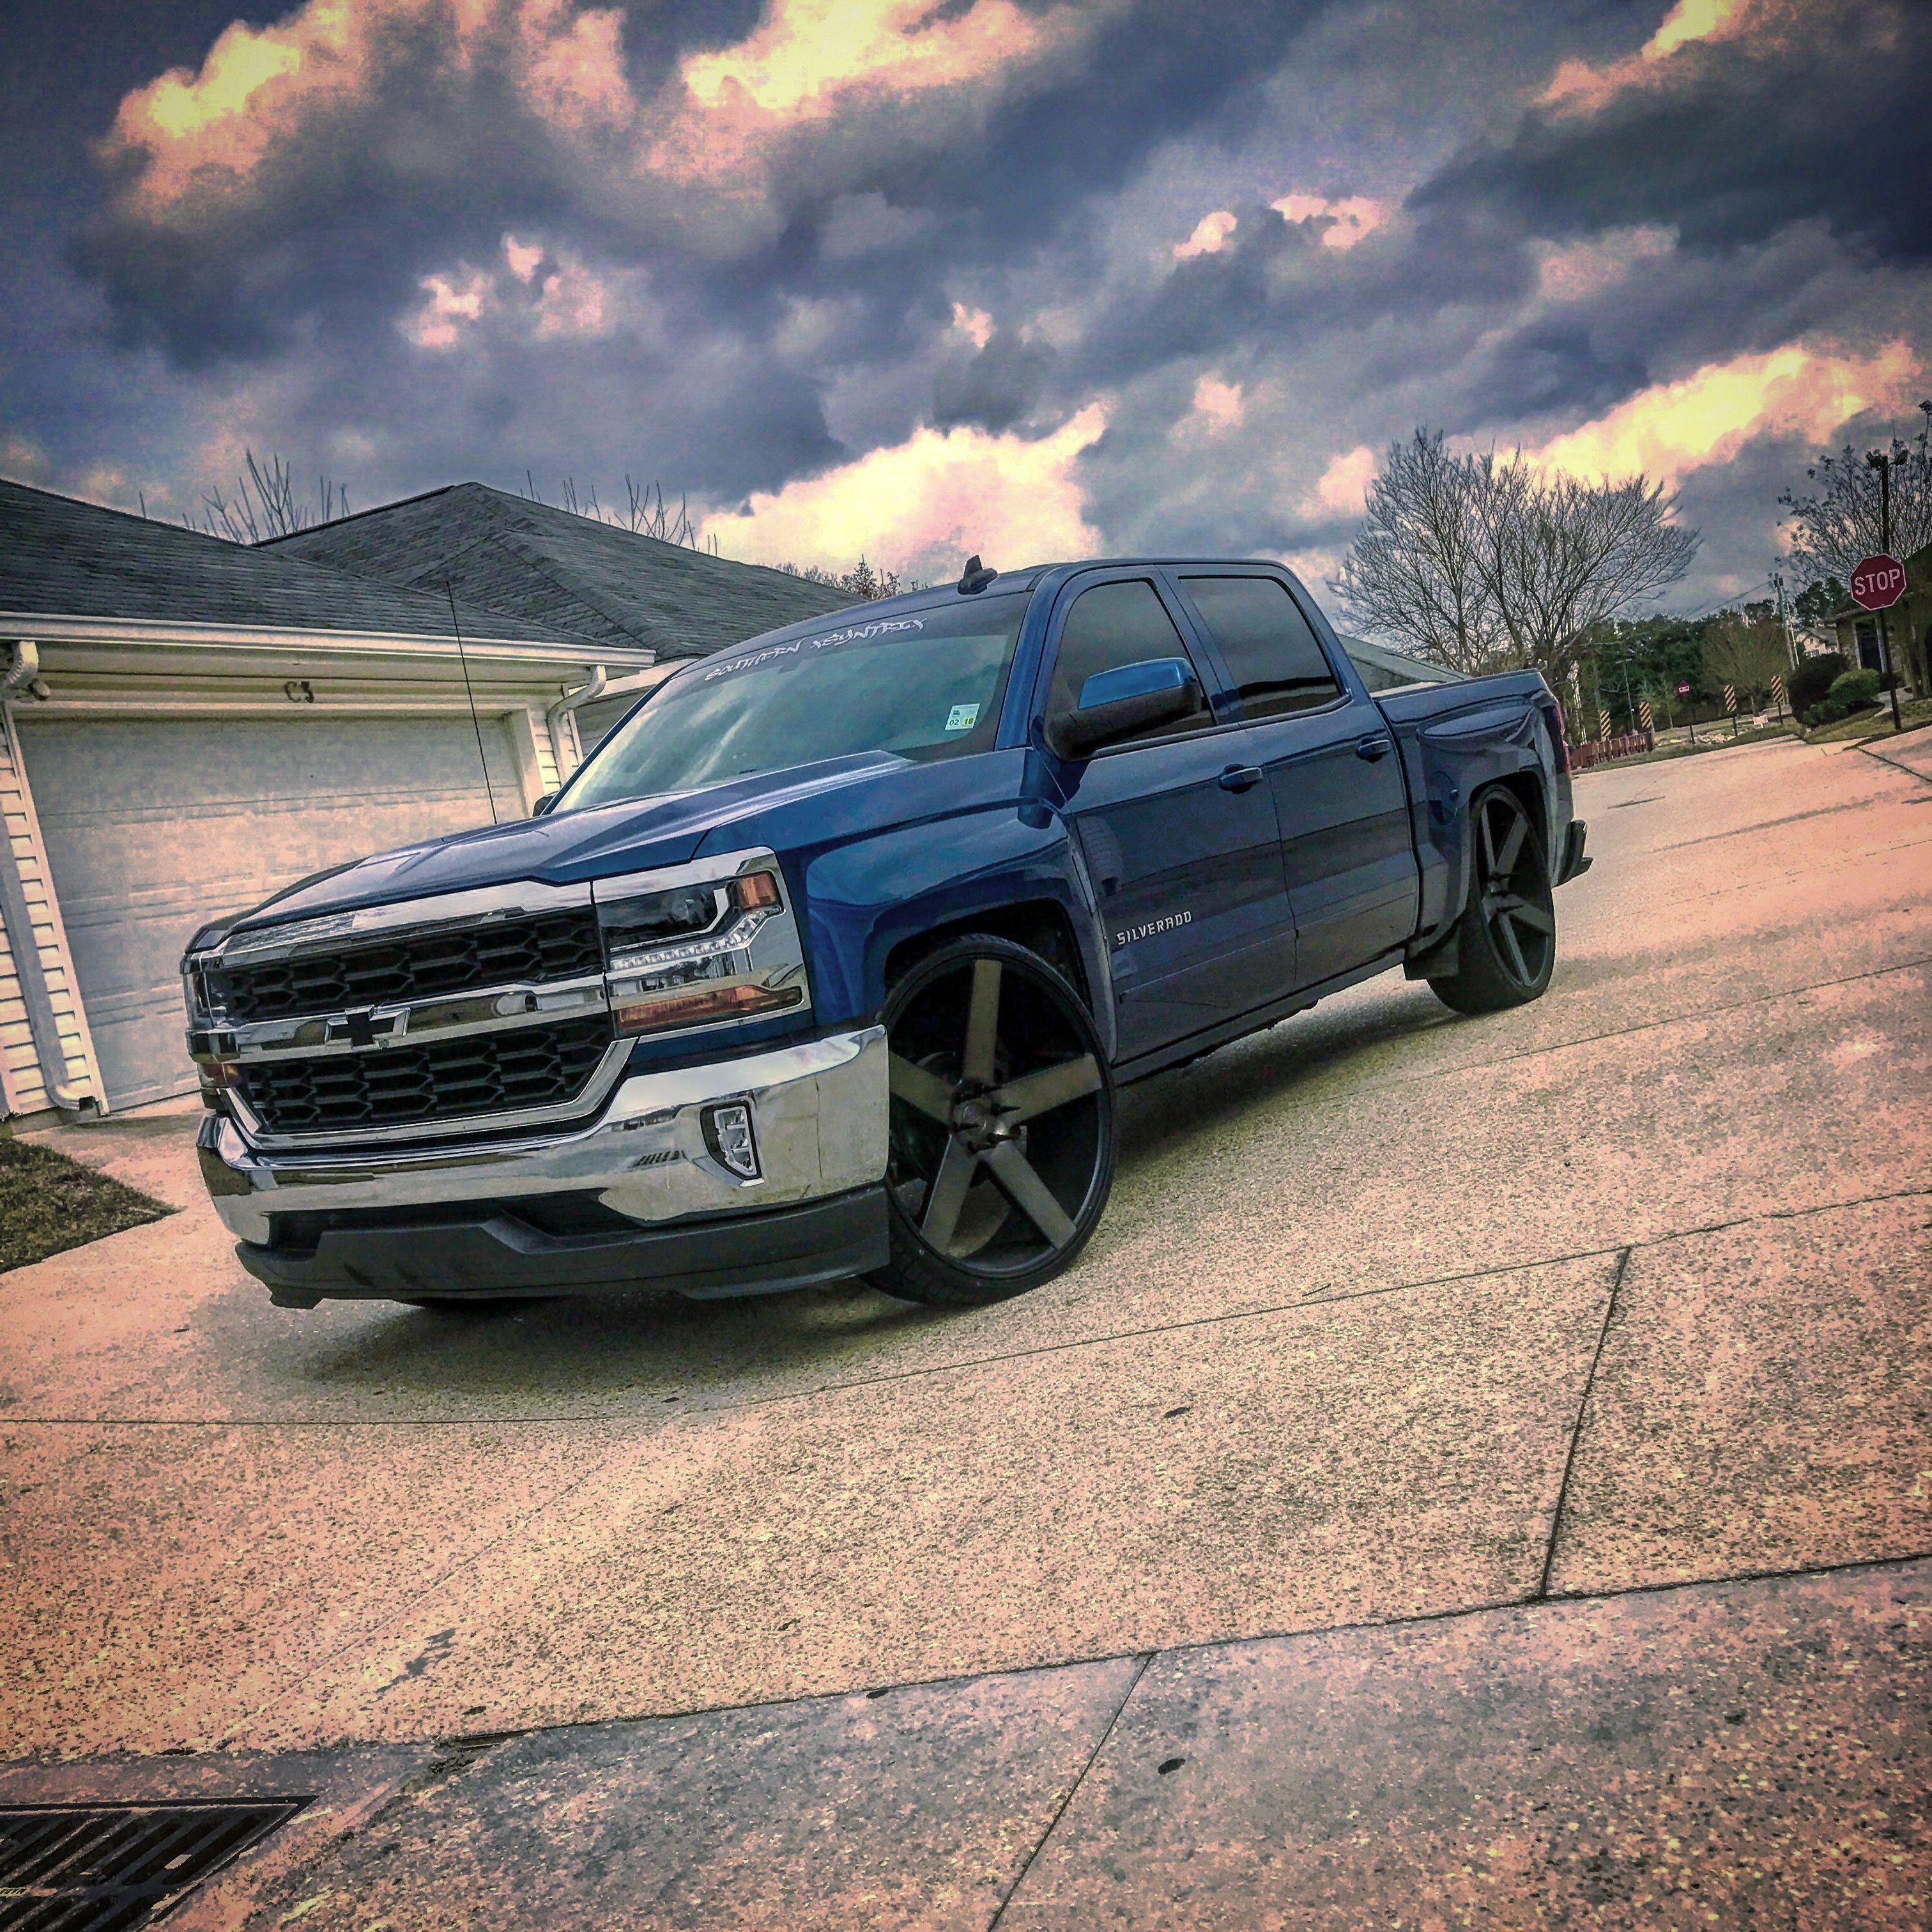 2016 Chevy Silverado On 28s Diesel Trucks Chevy Trucks Chevrolet Silverado